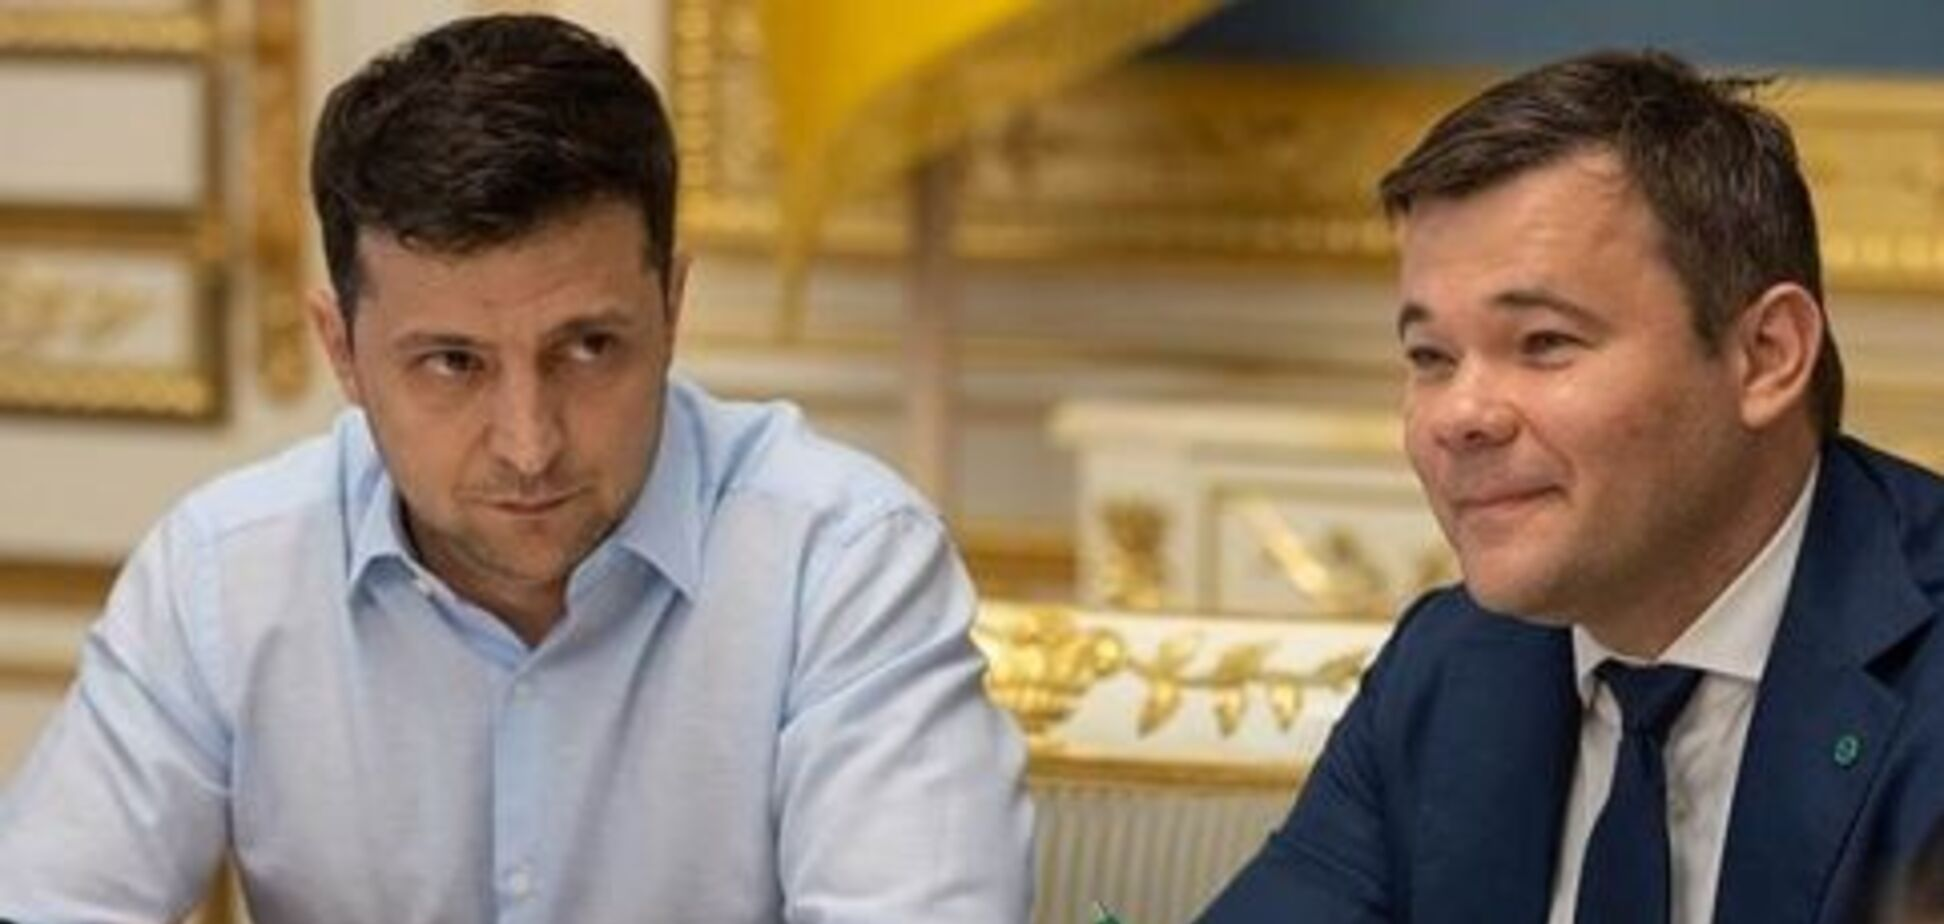 'Він змучений': Богдан зізнався, що Зеленський втомився